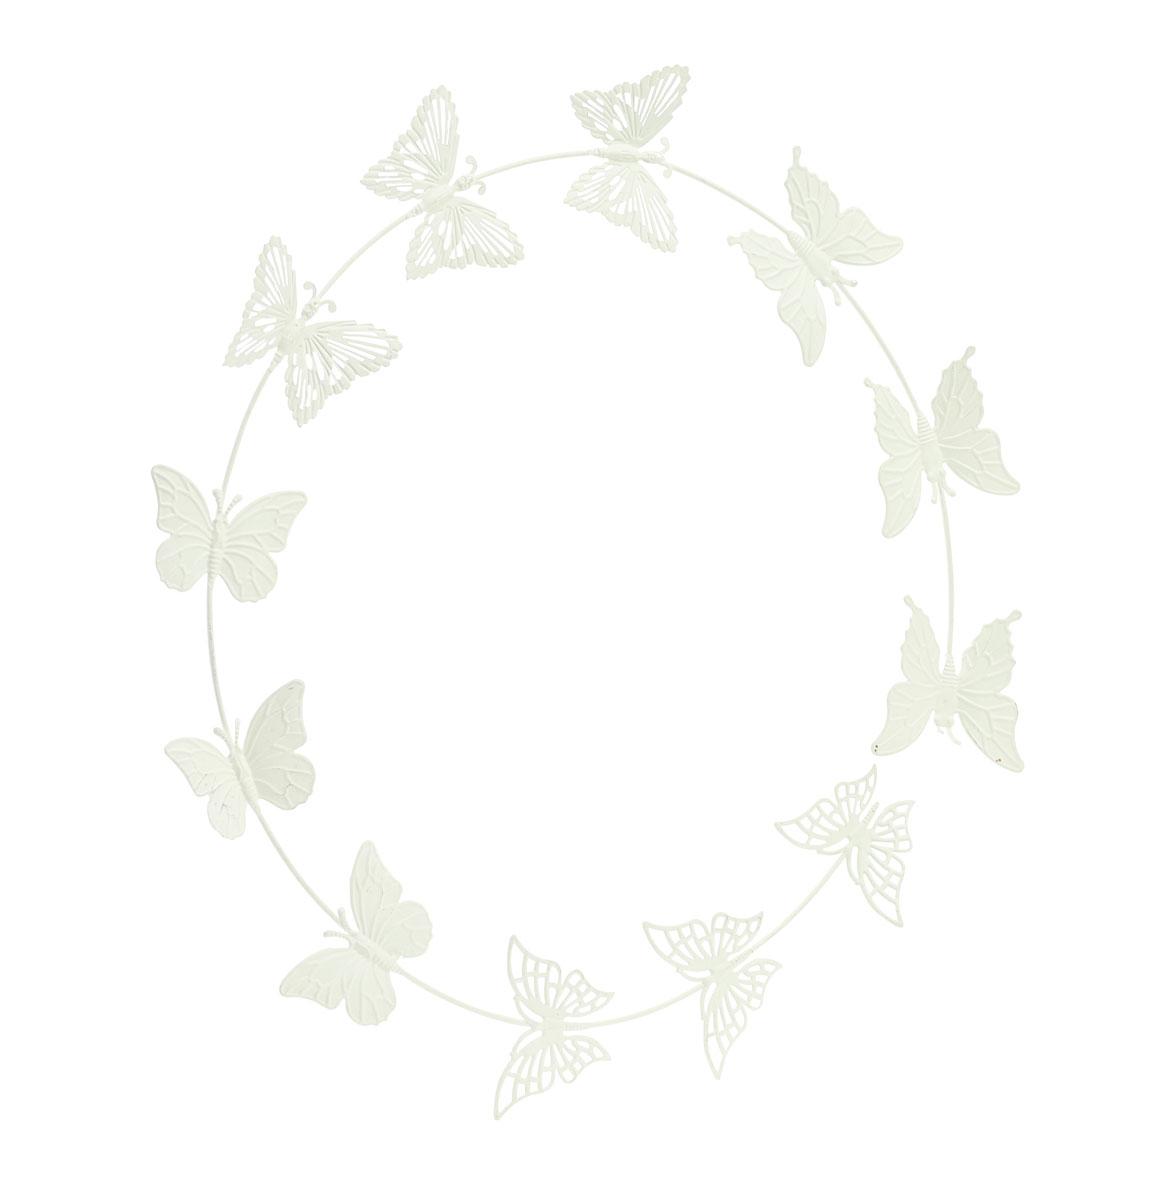 Украшение декоративное Gardman Butterflies, настенное, цвет: кремовый17520Декоративное настенное украшение Gardman Butterflies изготовлено из металла. Оно отлично подойдет для дома и придаст неповторимый дизайн вашему интерьеру.